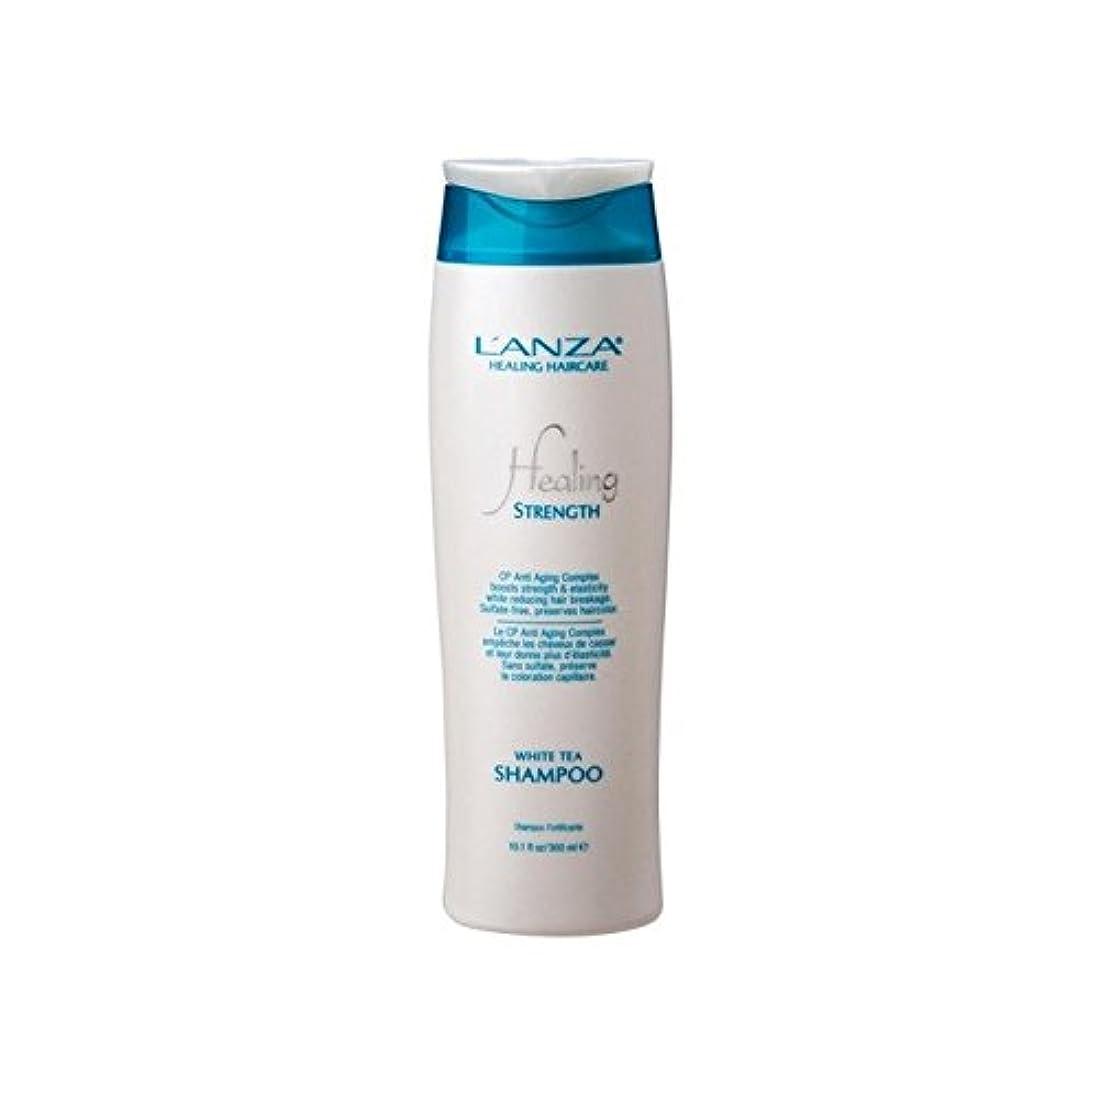 慣性検索エンジンマーケティングオープナー強ホワイトティーシャンプーを癒し'アンザ(300ミリリットル) x4 - L'Anza Healing Strength White Tea Shampoo (300ml) (Pack of 4) [並行輸入品]